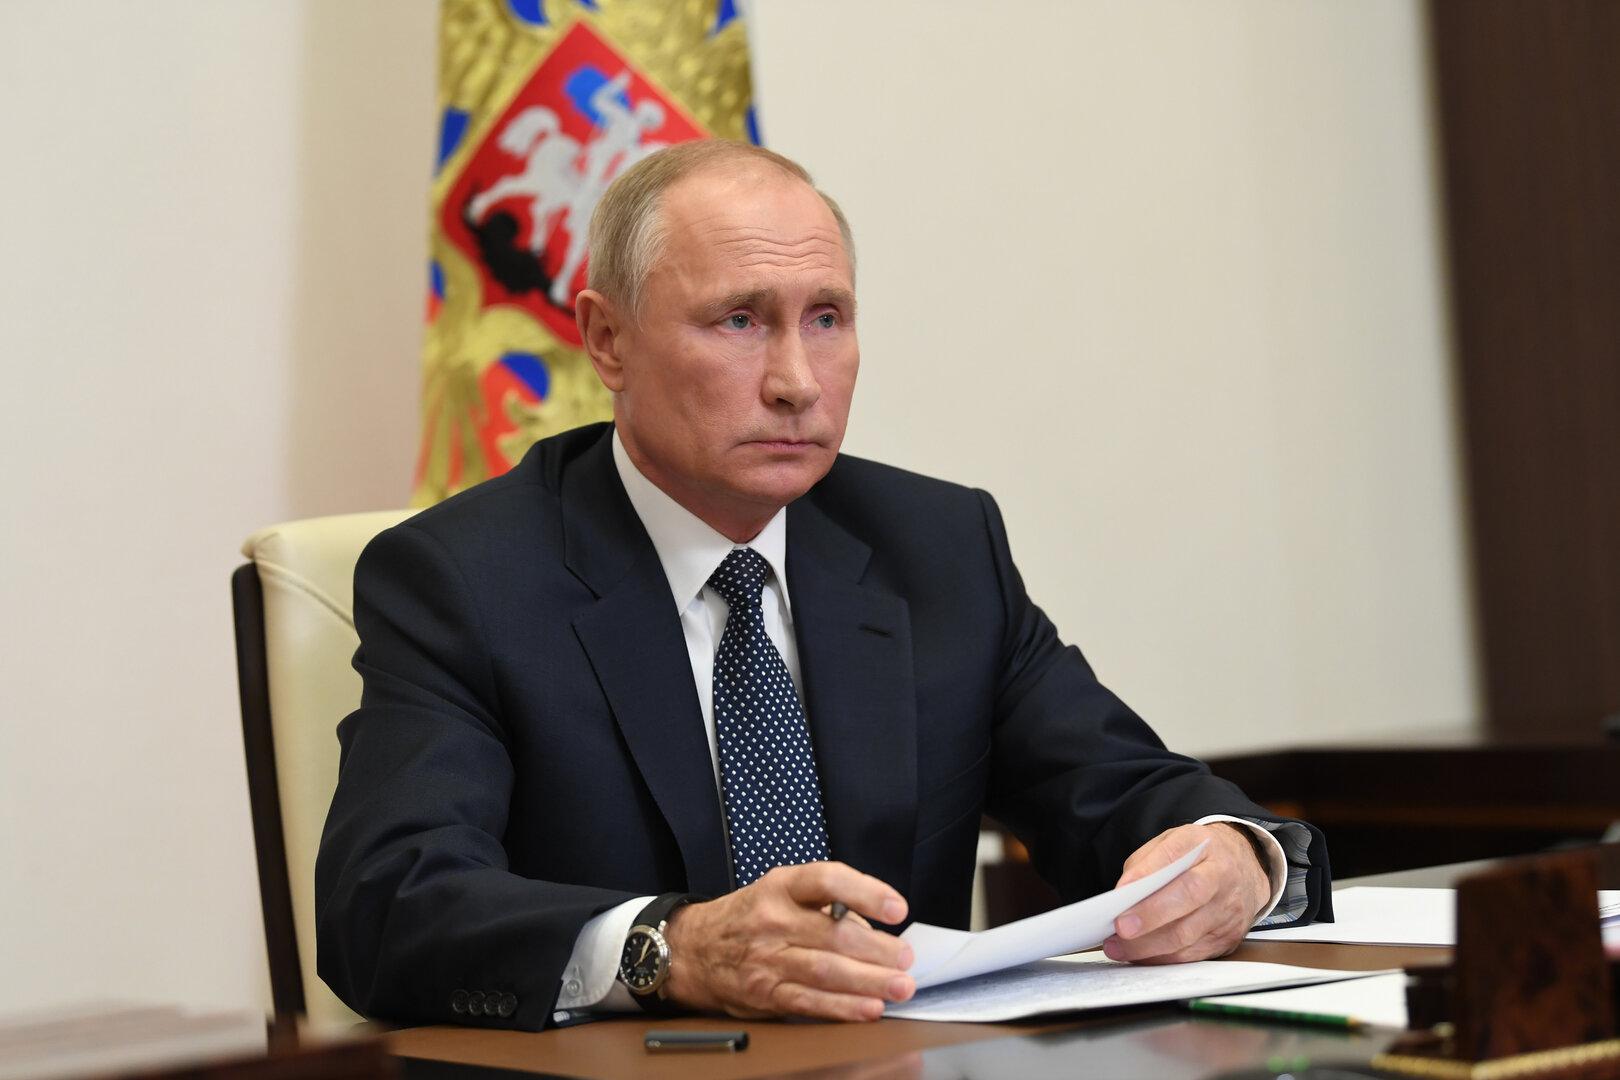 بوتين عن العلاقات مع واشنطن: لا يمكن إفساد ما تم إفساده